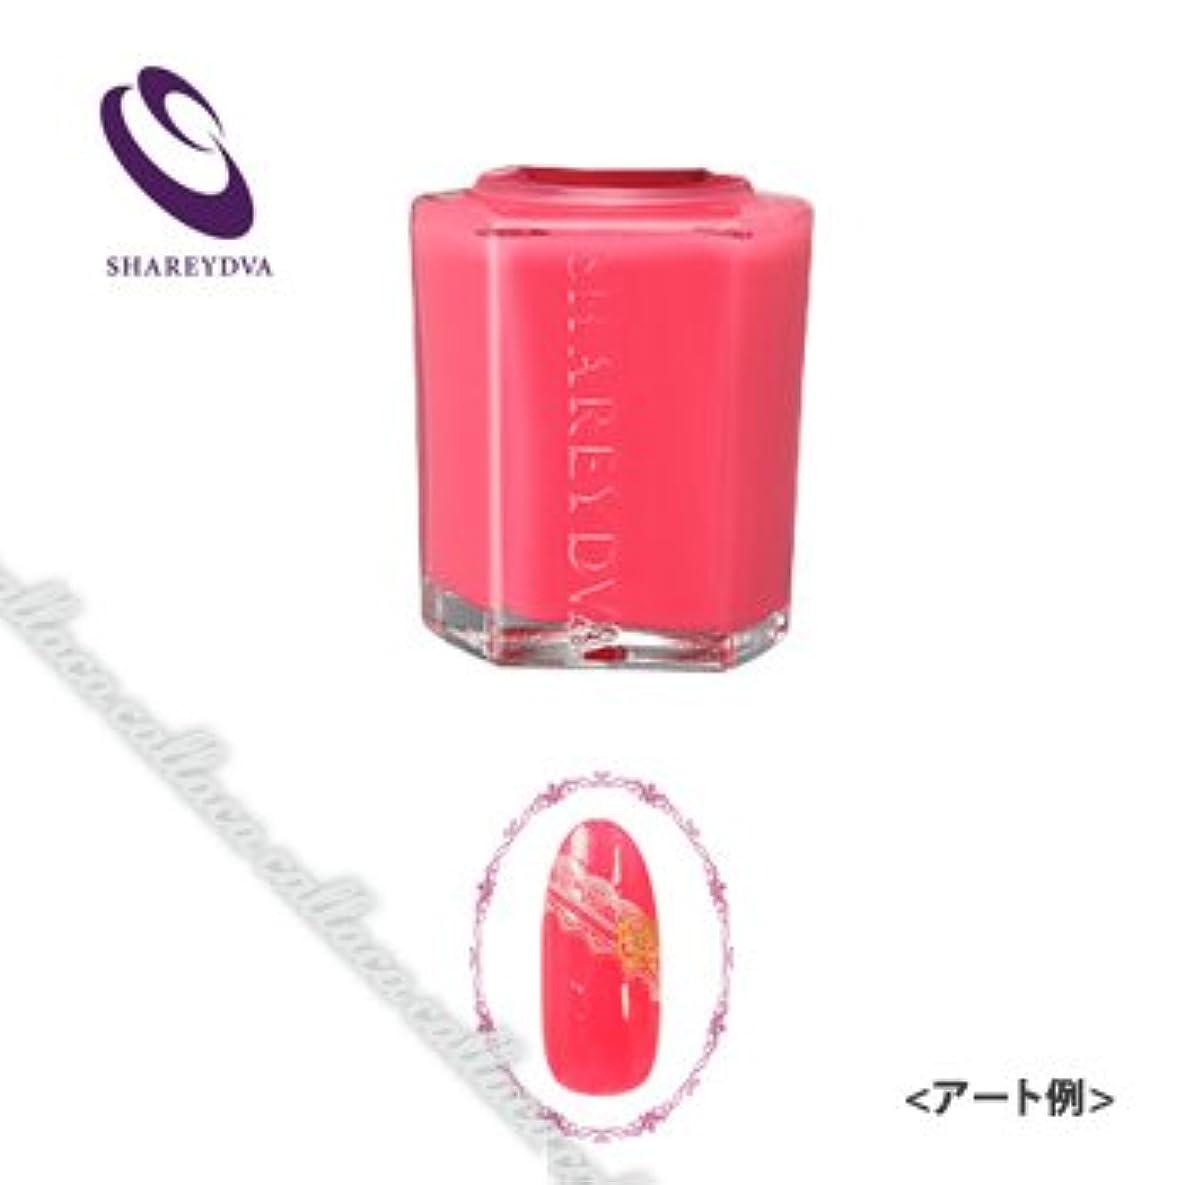 嫌な失礼狼SHAREYDVAカラー No.35(15ml)